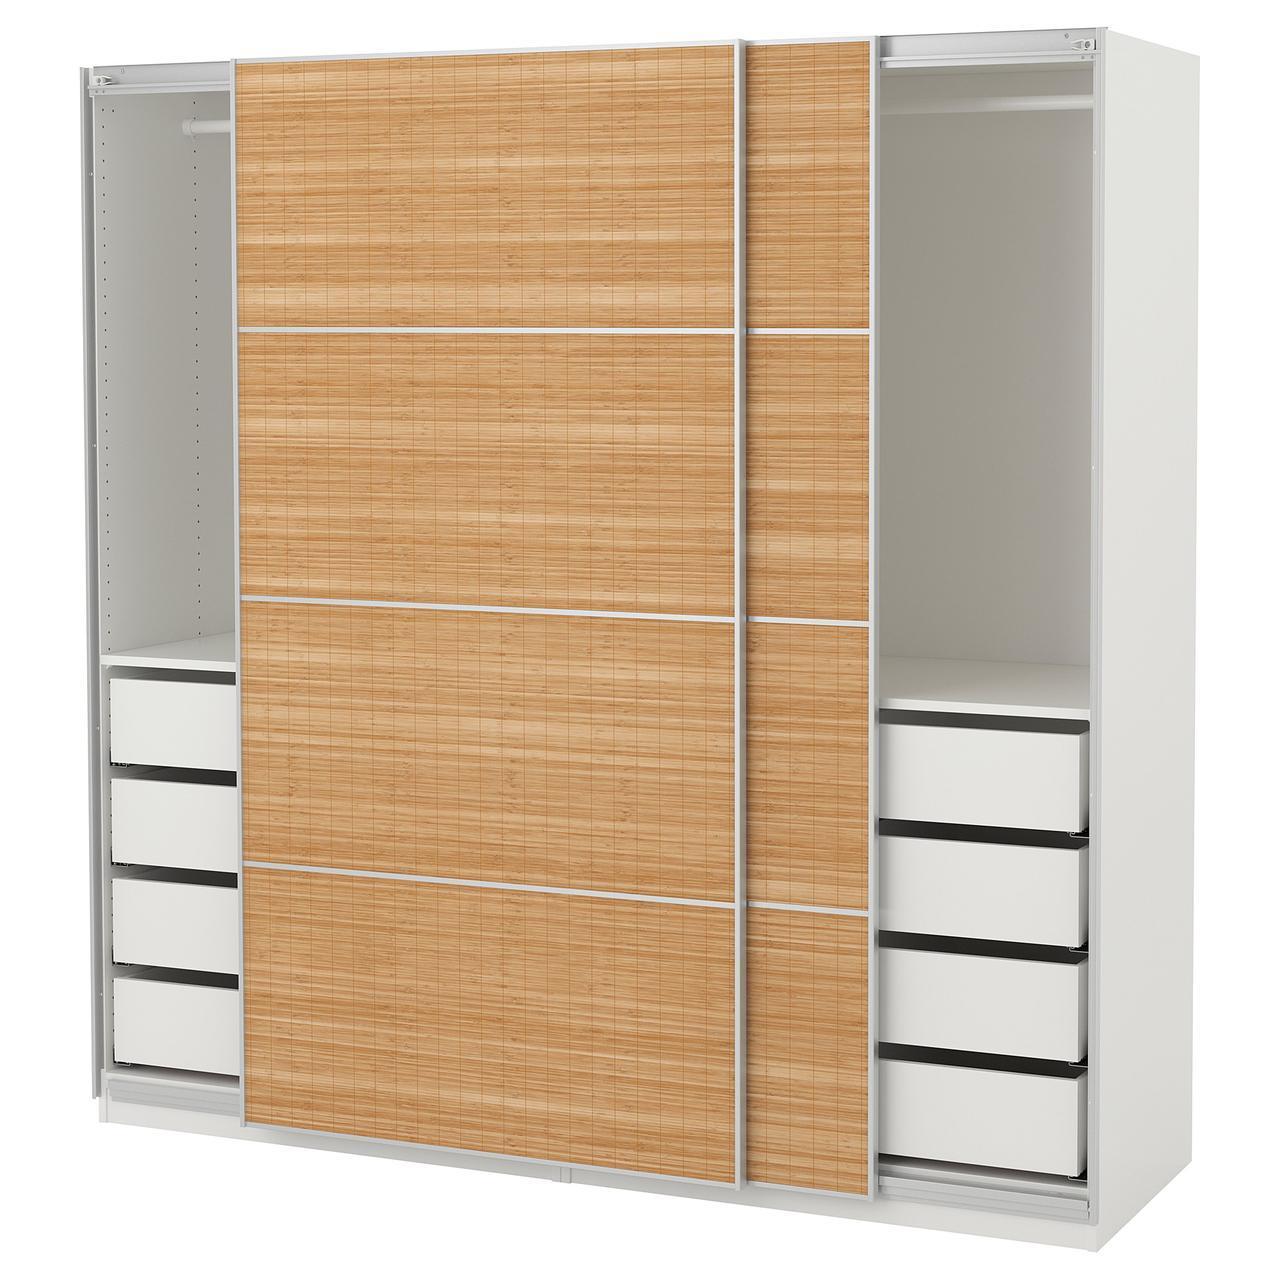 шкаф купе Ikea Pax Fjellhamar бамбук коричневый 29243932 цена 33